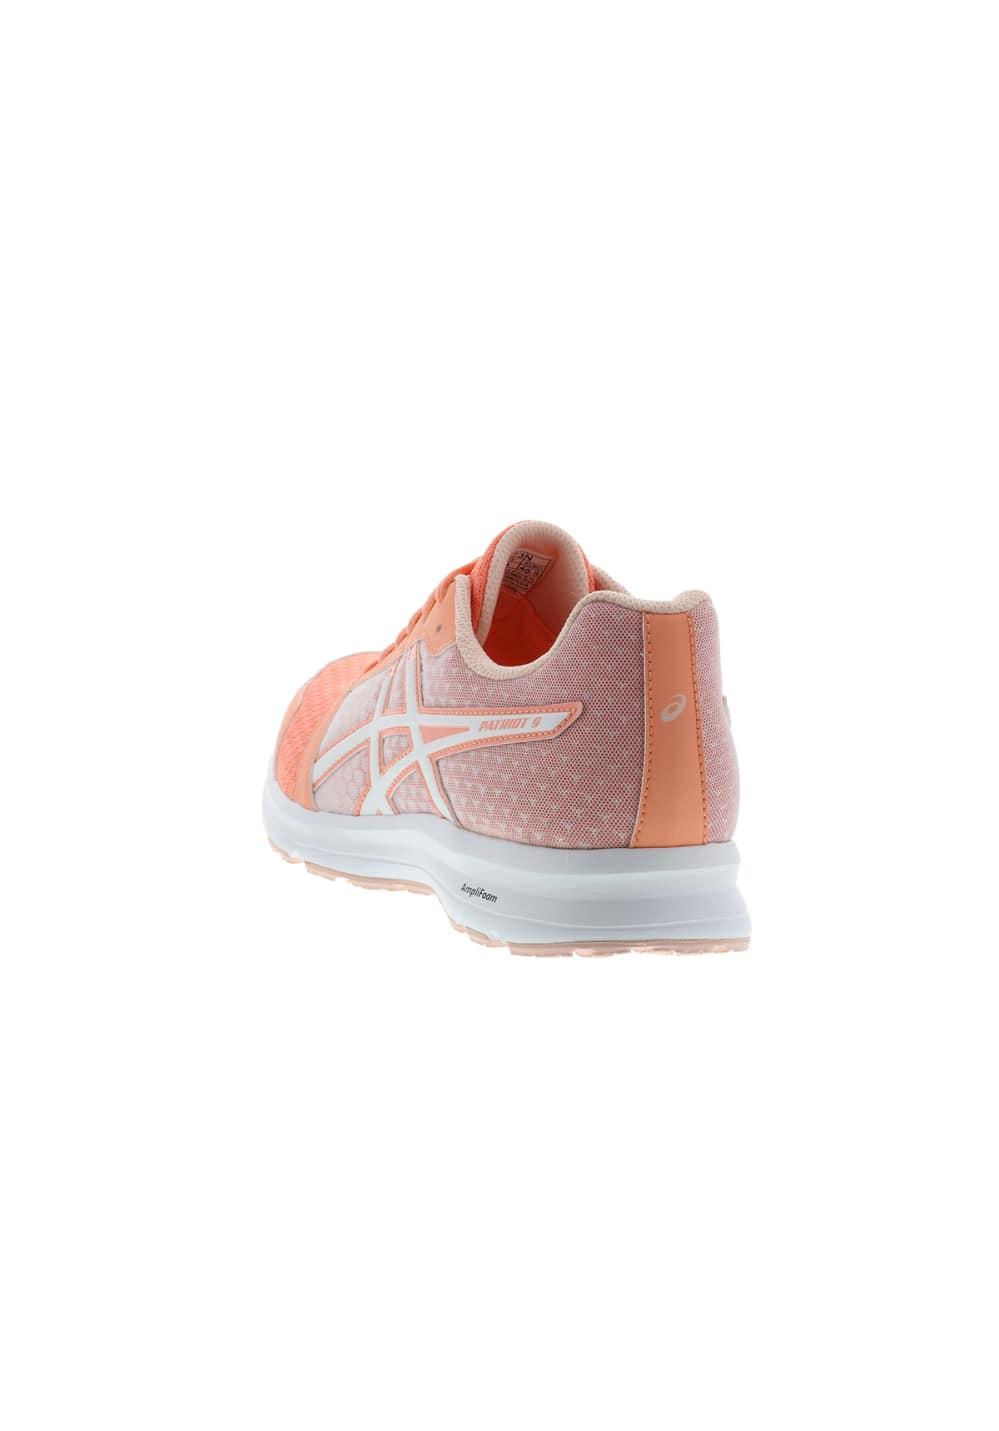 Chaussures 9 Pour 21run Asics Orange Femme Patriot Running ESBZO4q